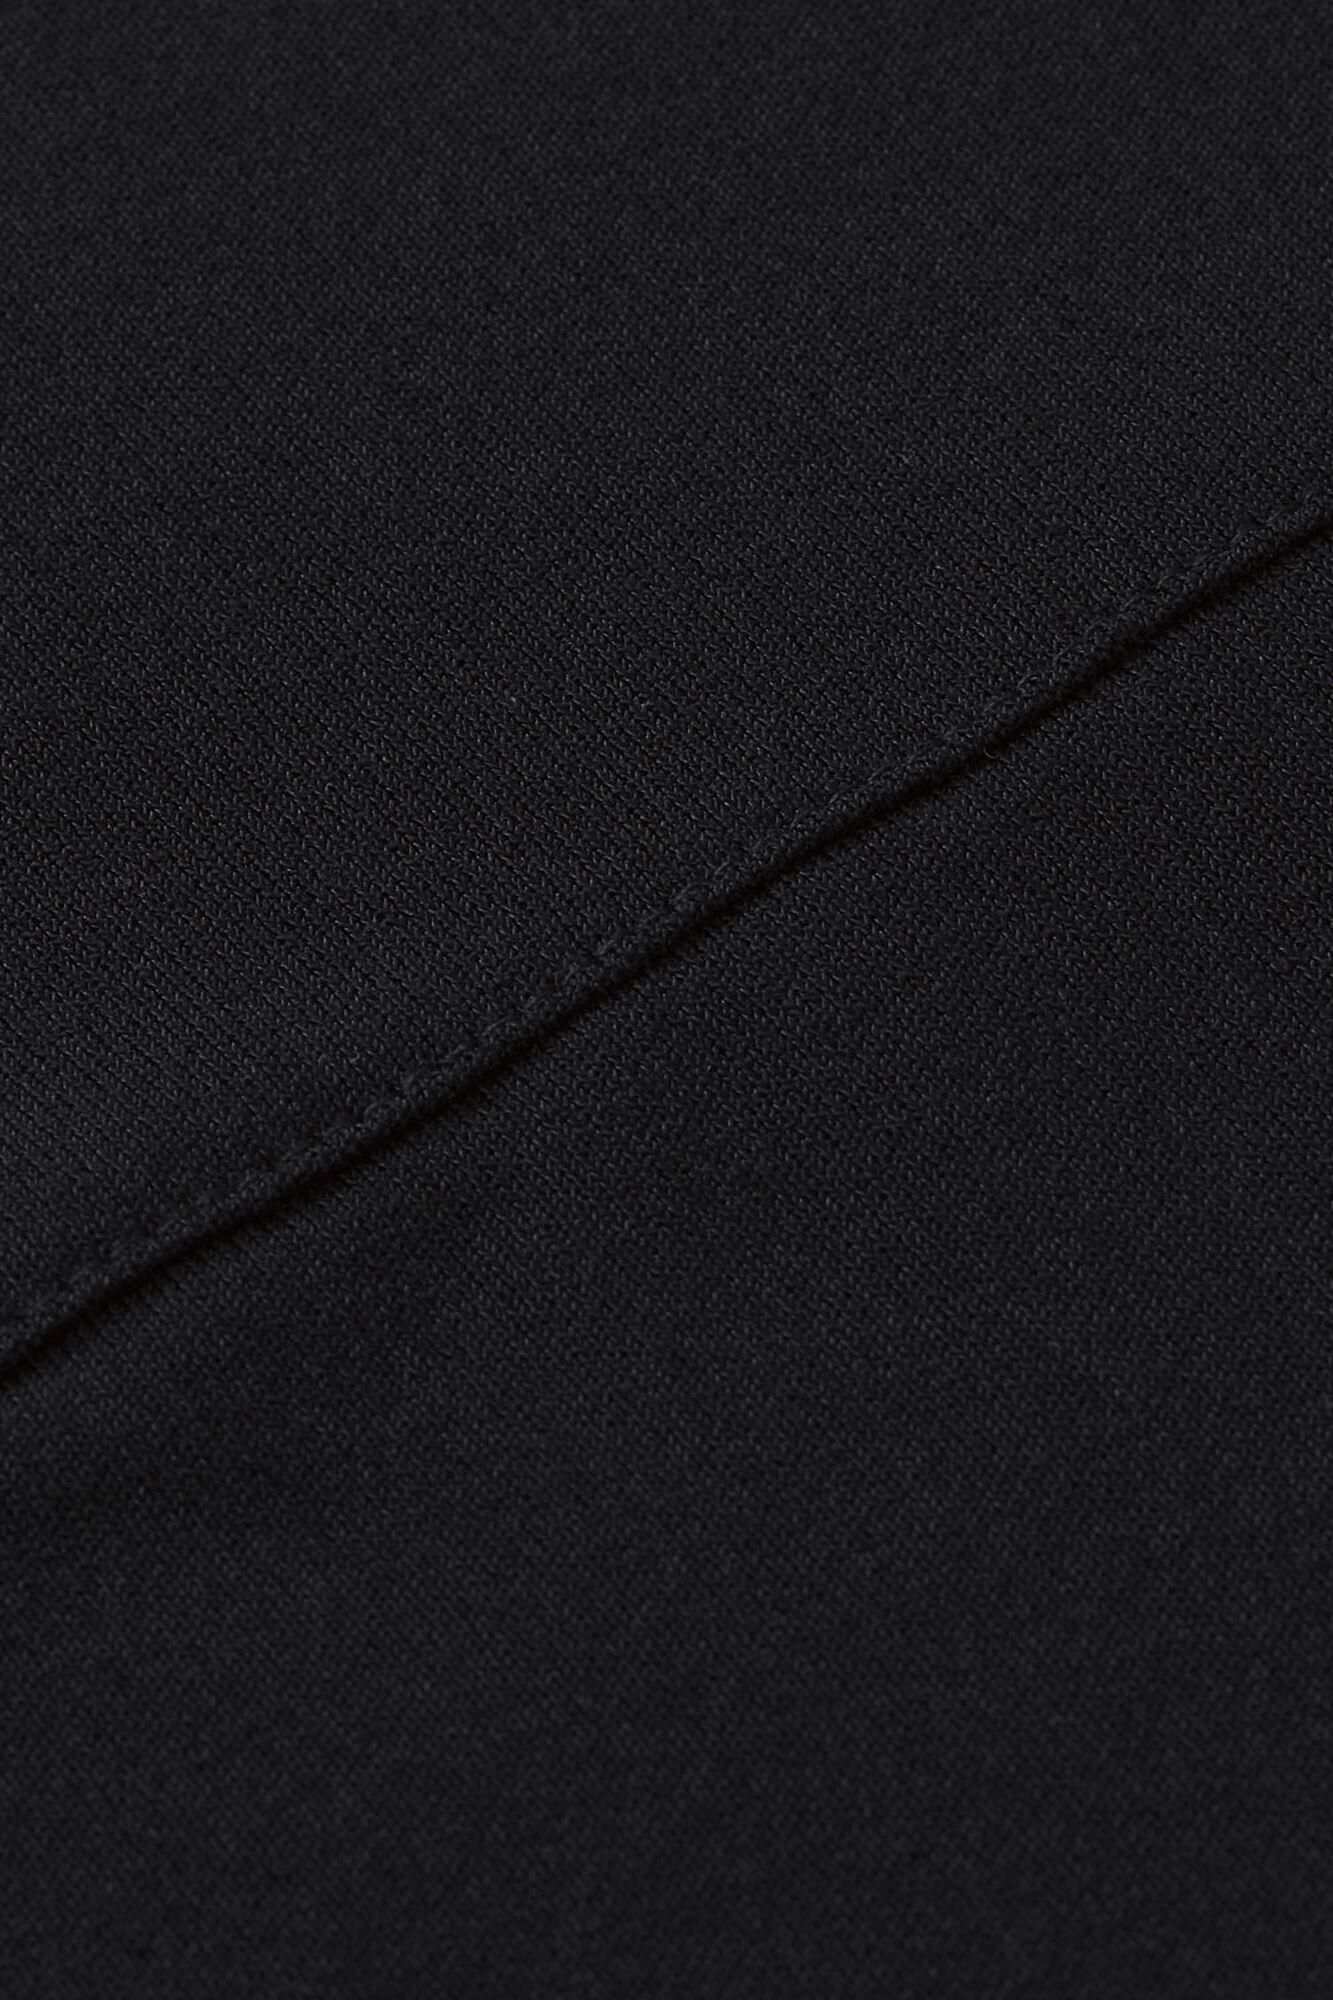 Gean TUNIKA, Black, hi-res